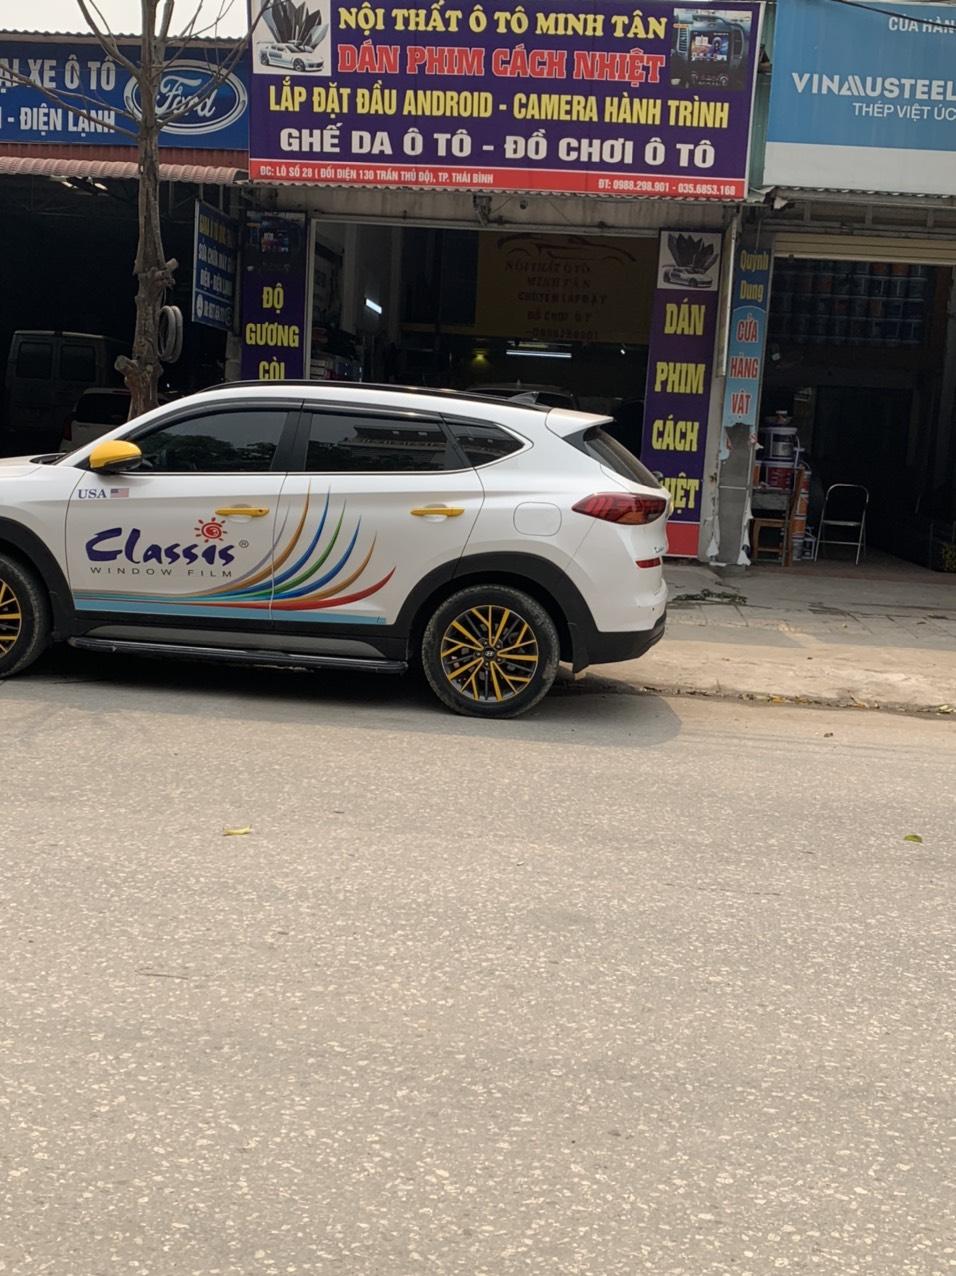 Trung Tâm nội thất ô tô Minh Tân